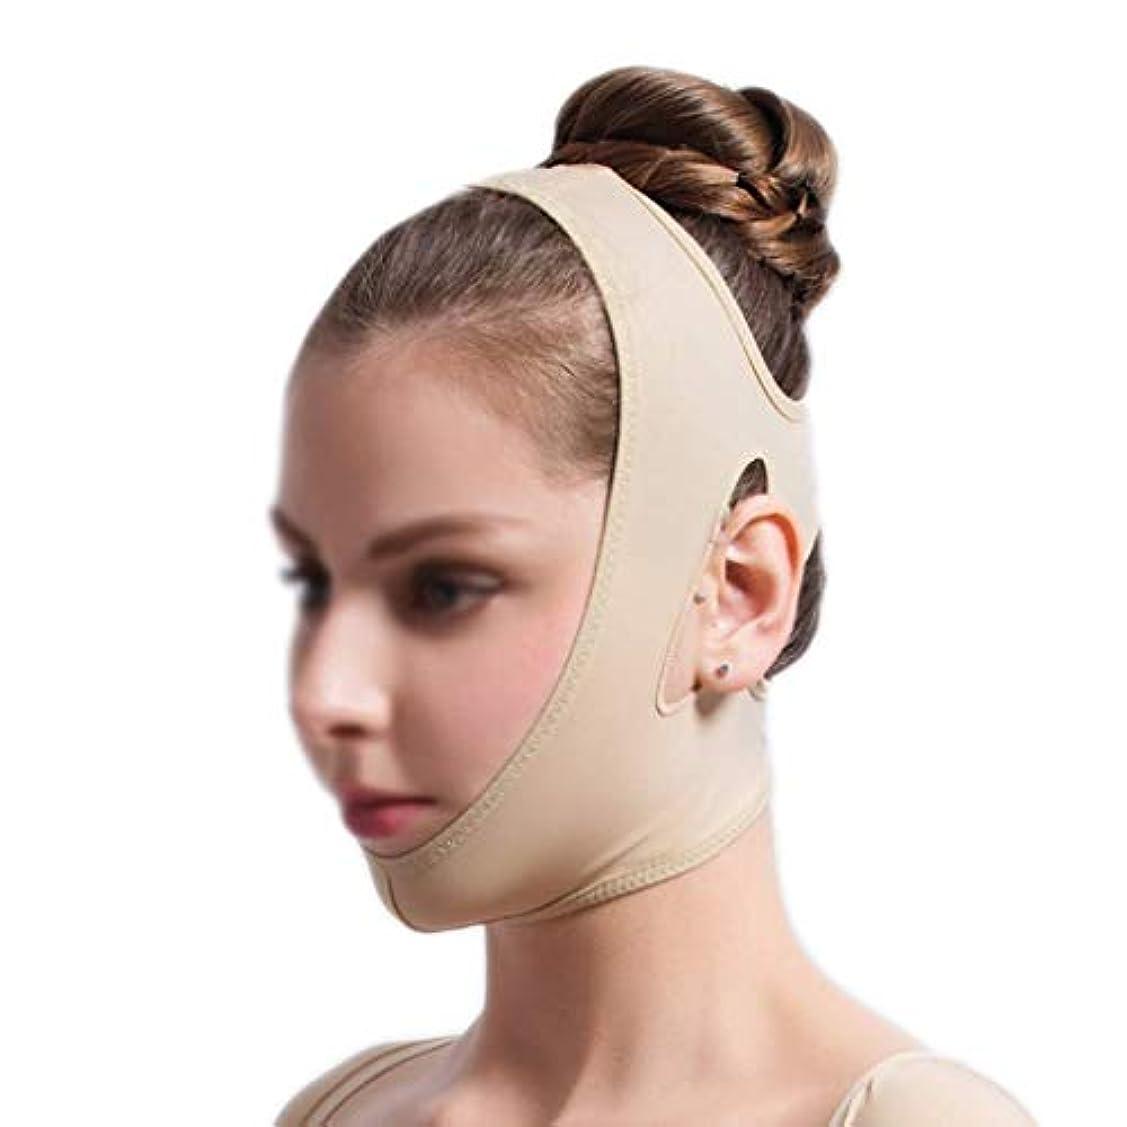 瞳リベラル届けるフェイスリフティングバンデージ、フェイシャル減量マスク、フェイシャルリフティングスリミングベルト、痩身チークマスク(サイズ:S),M